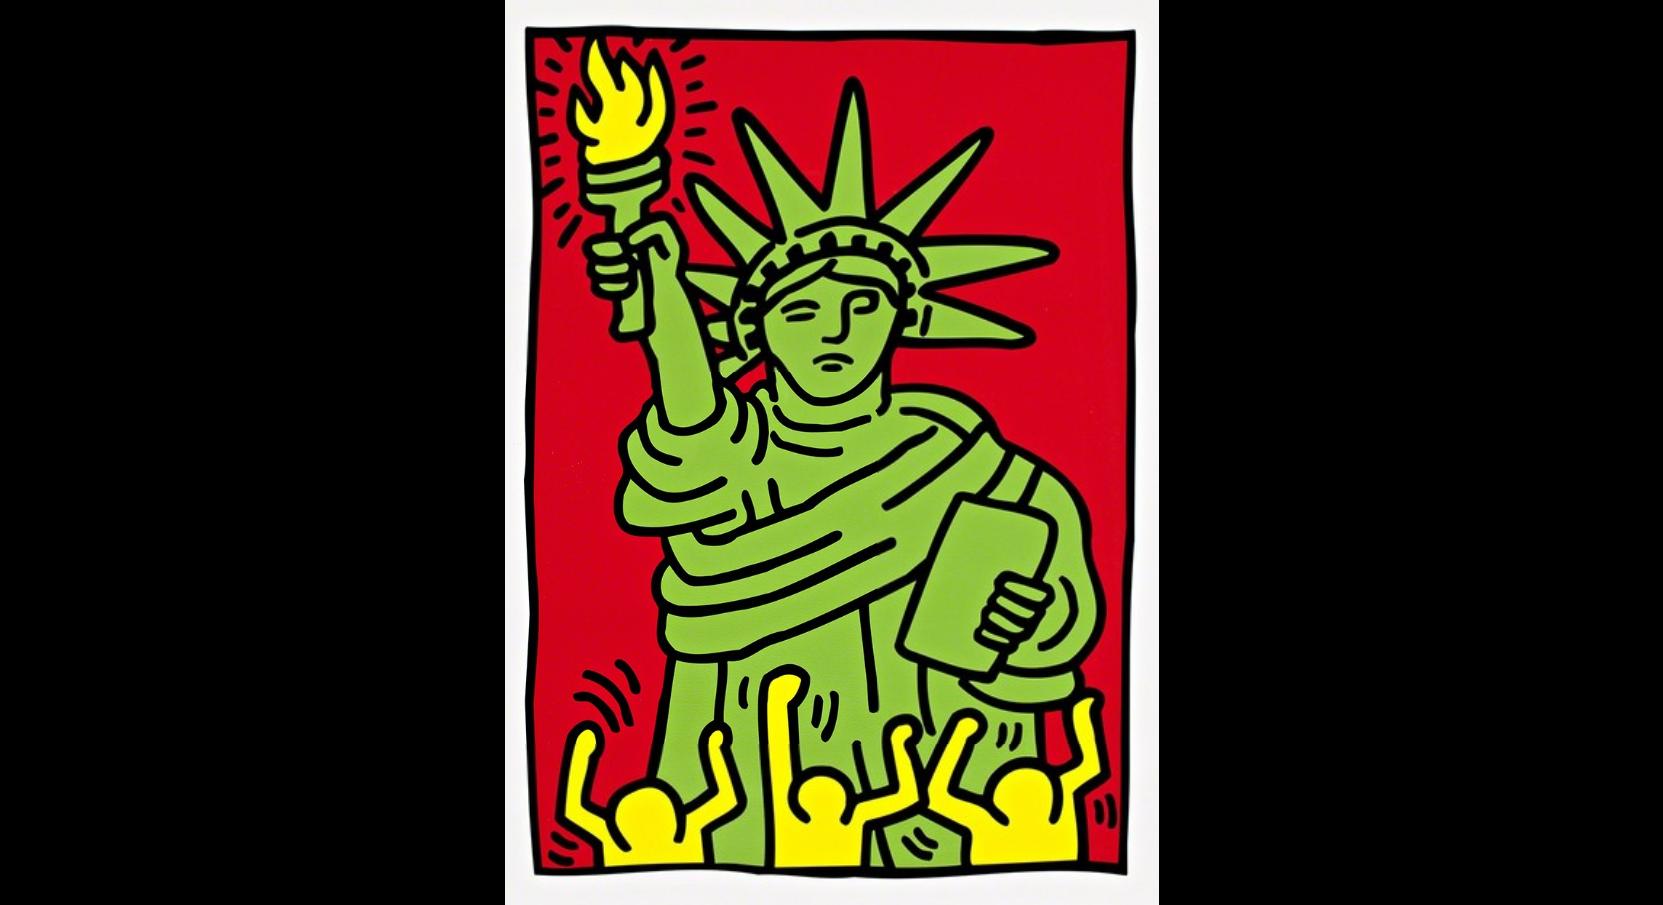 keith-haris-desenho-nova-york-anos-80-aids-dionisio-arte (3)